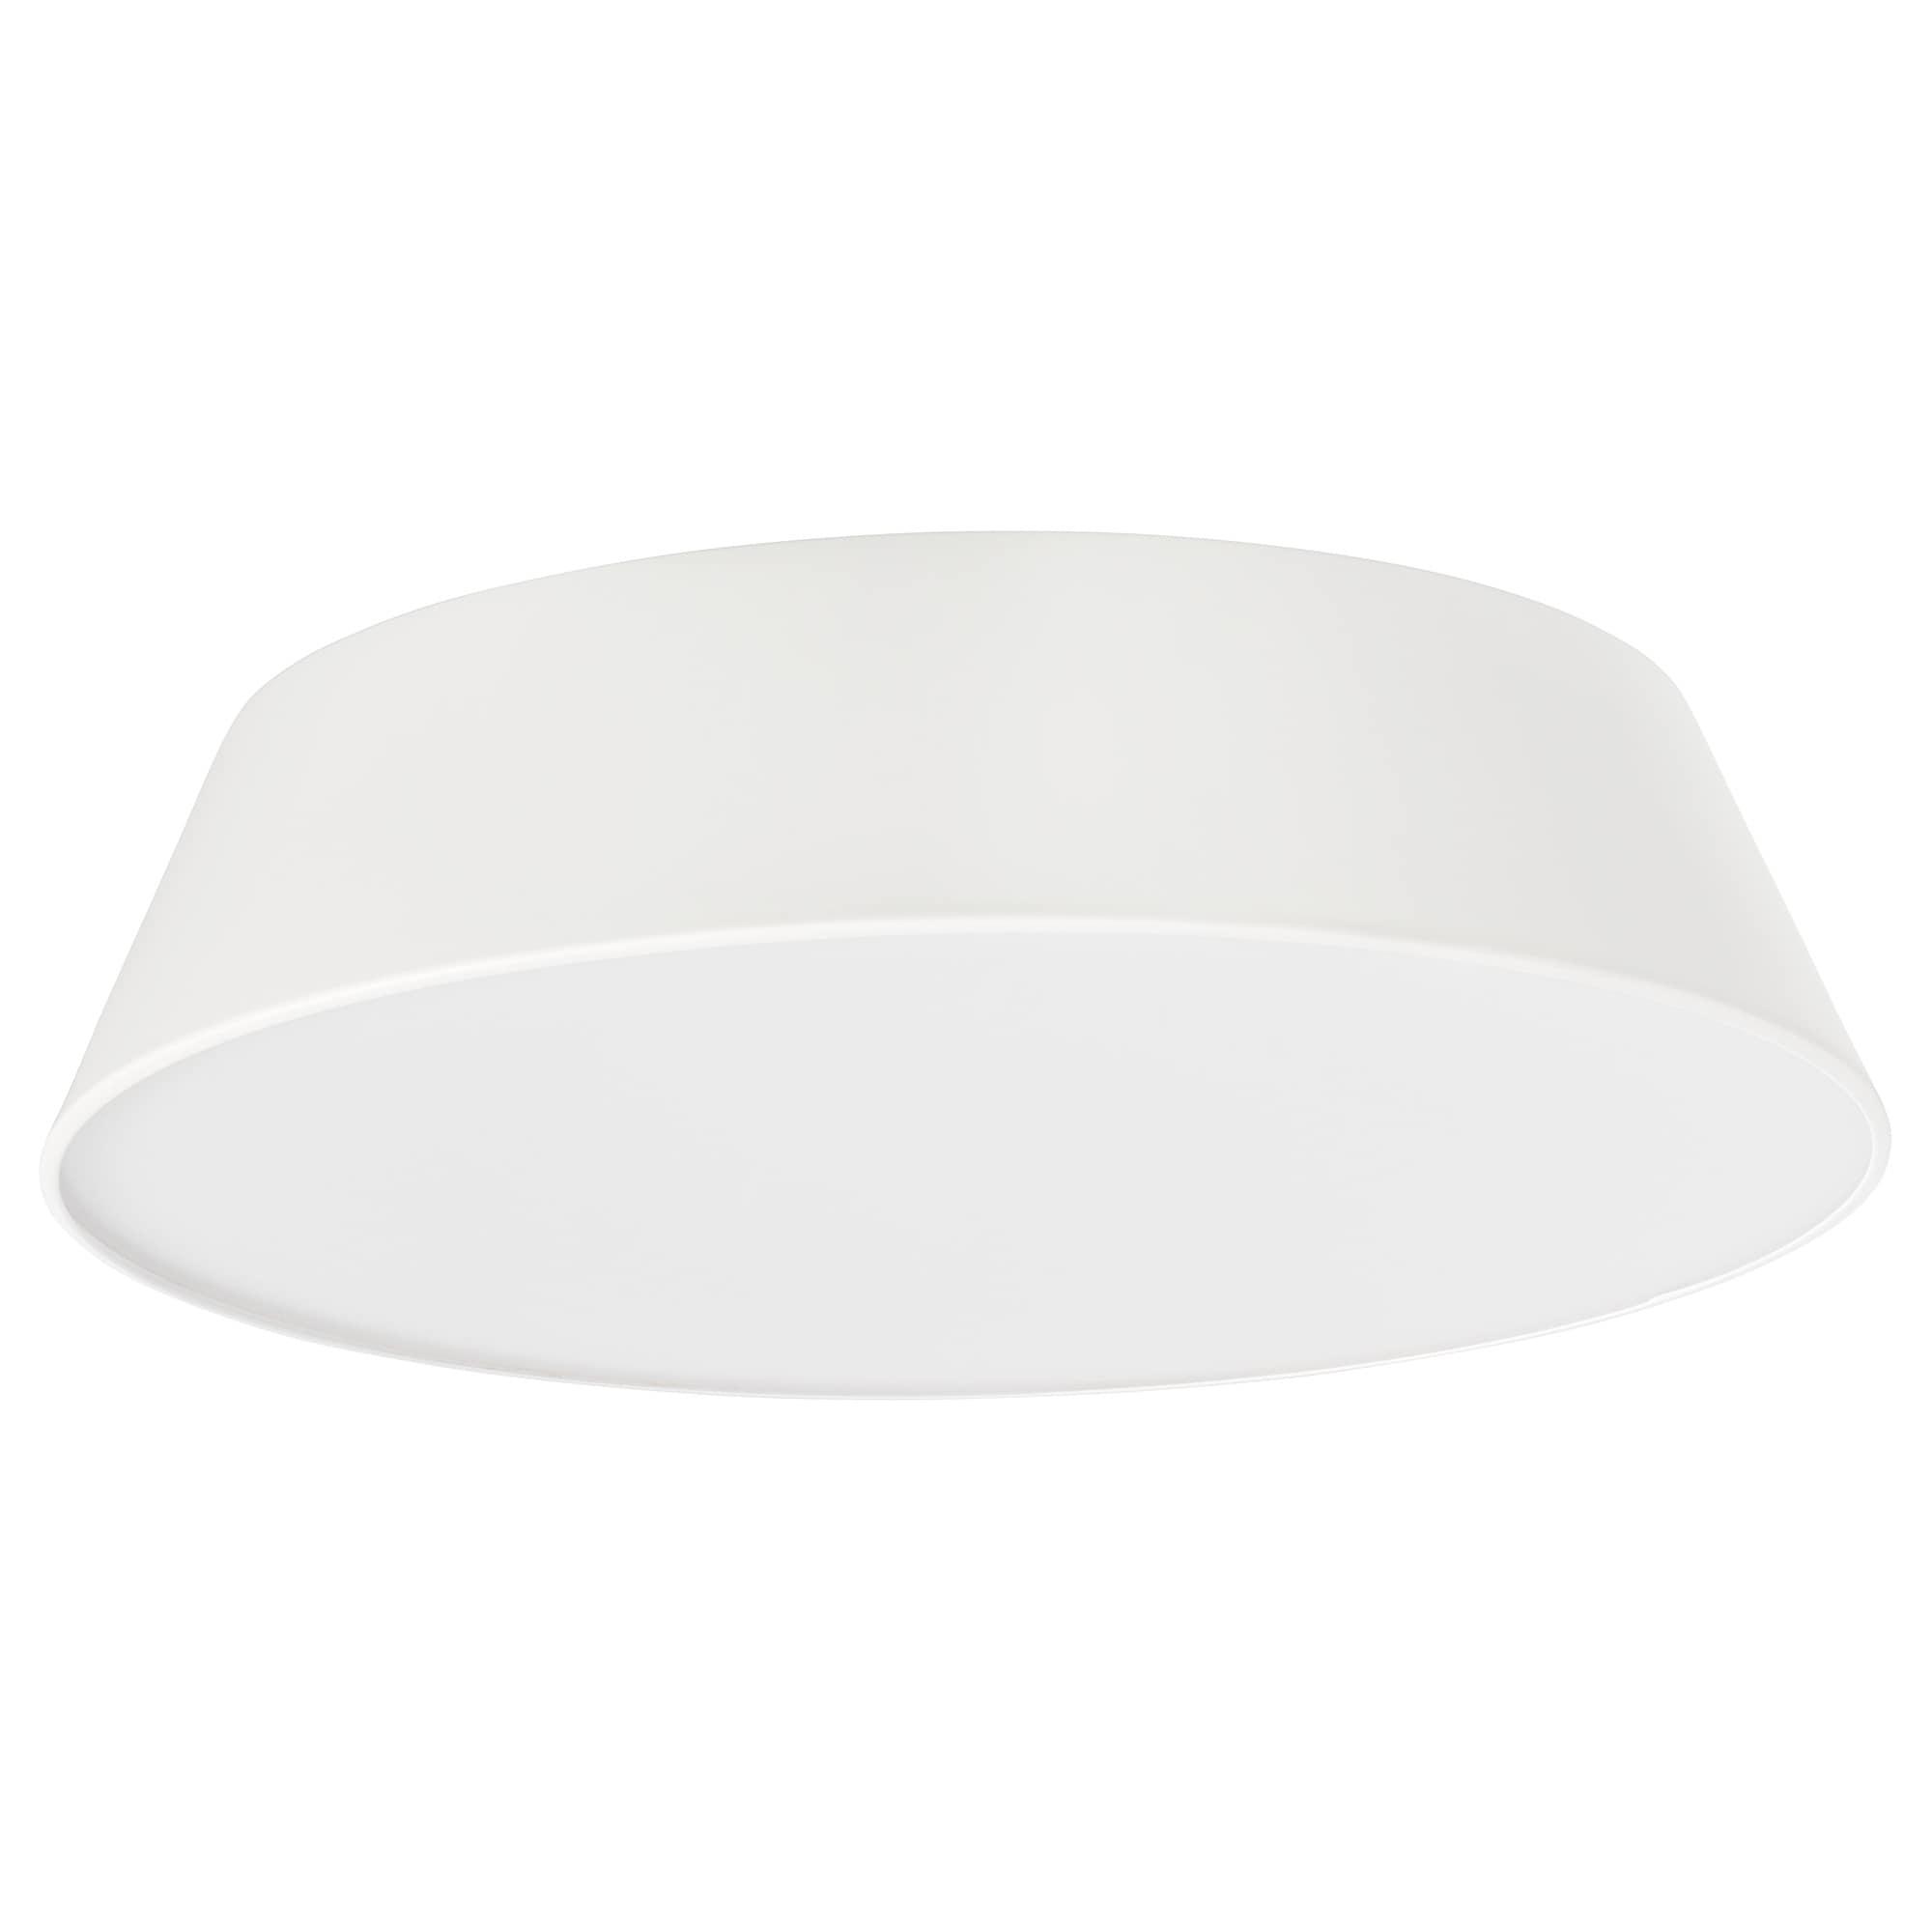 Full Size of Ikea Deckenlampen Klar Silber Eisen Online Kaufen Mbel Suchmaschine Küche Kosten Miniküche Modulküche Betten Bei 160x200 Sofa Mit Schlaffunktion Wohnzimmer Wohnzimmer Ikea Deckenlampen